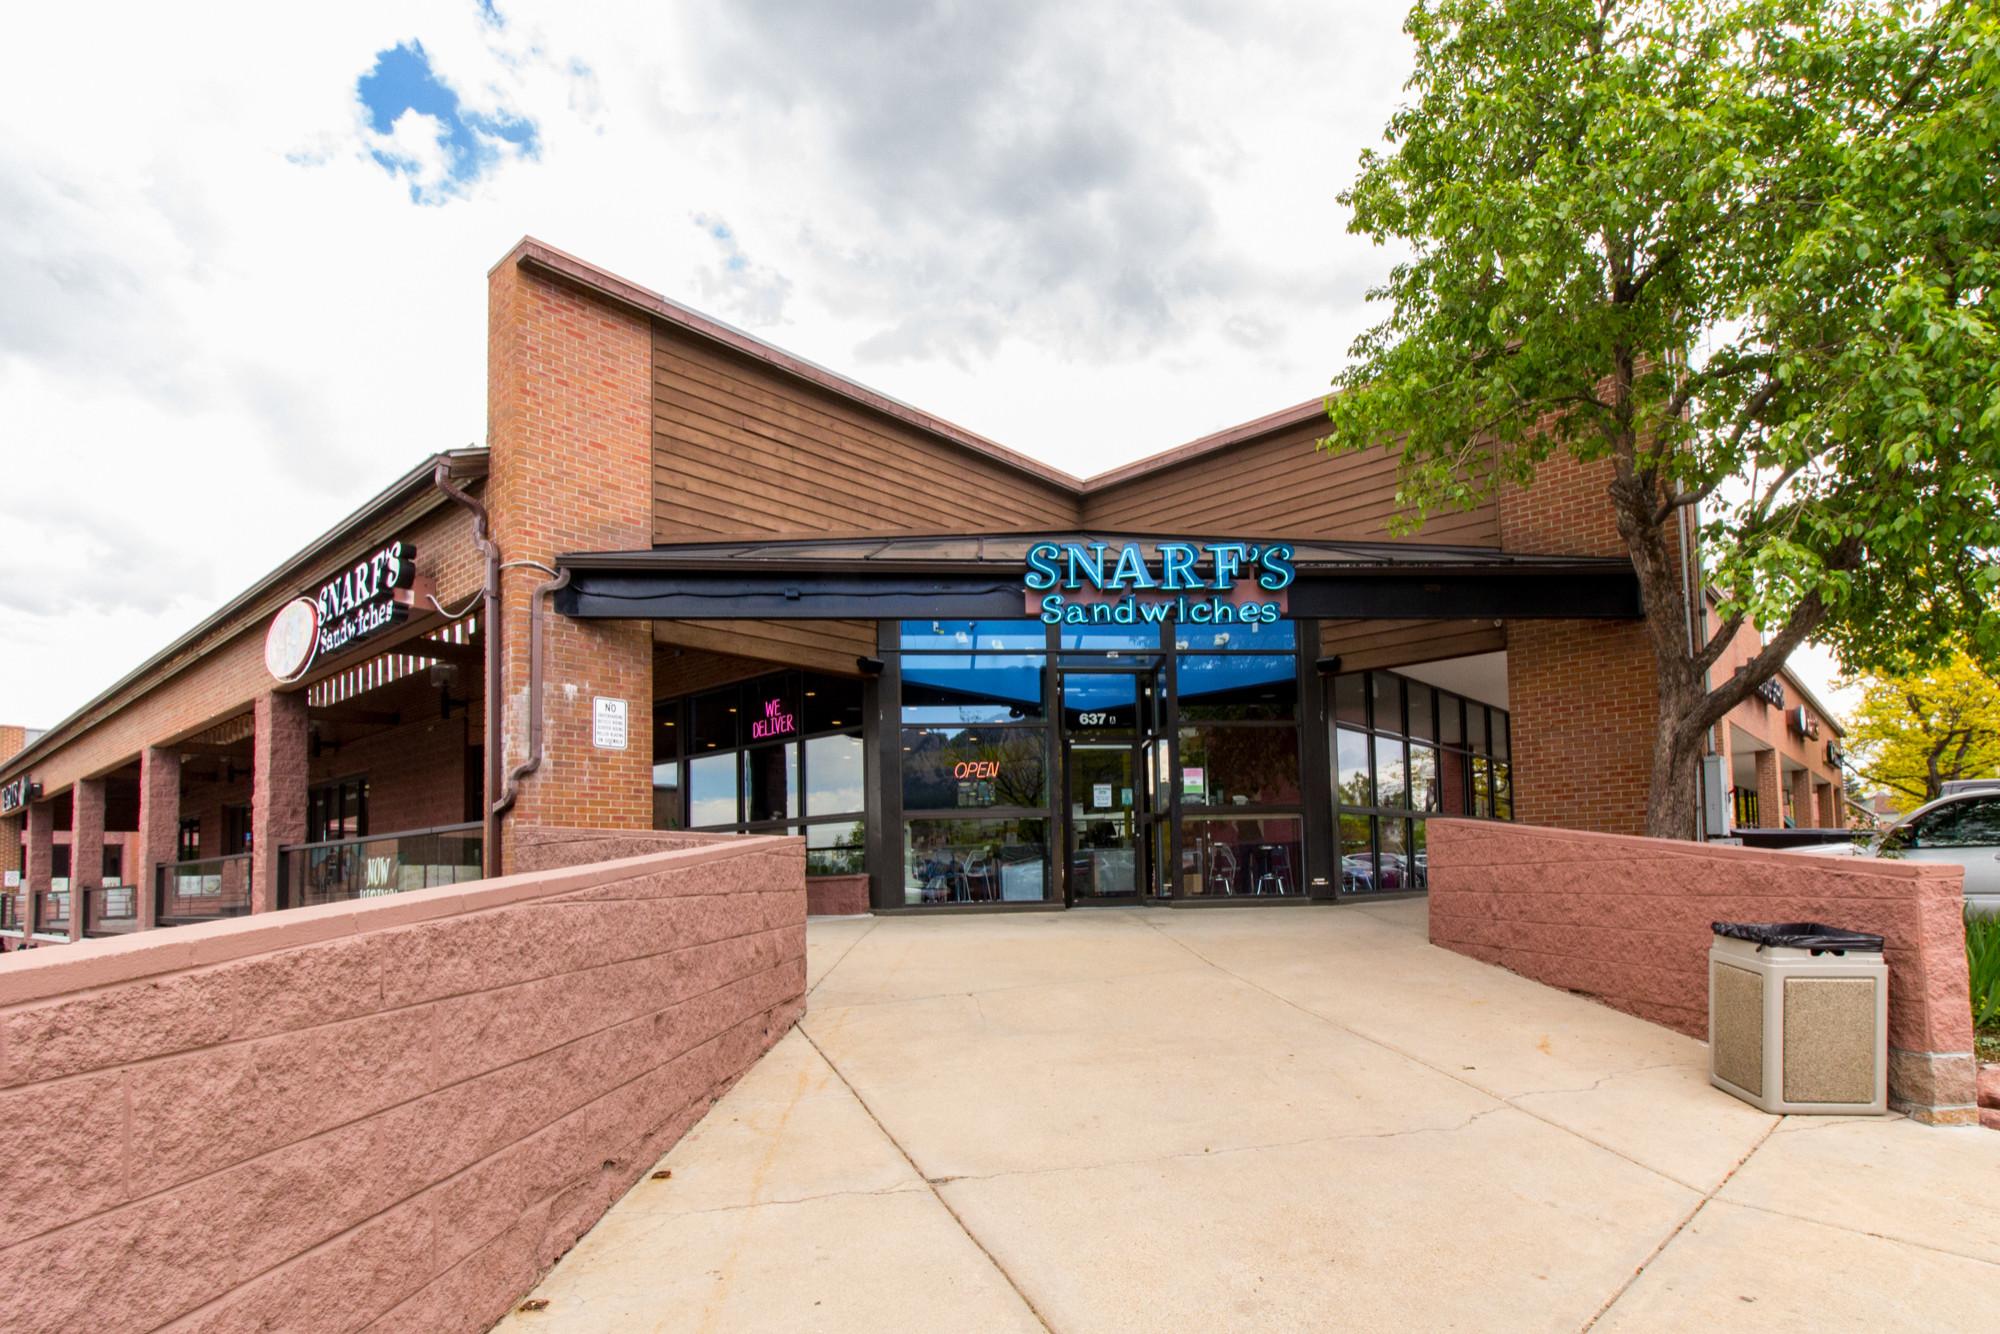 Snarf's Boulder - Commercial/Restaurant